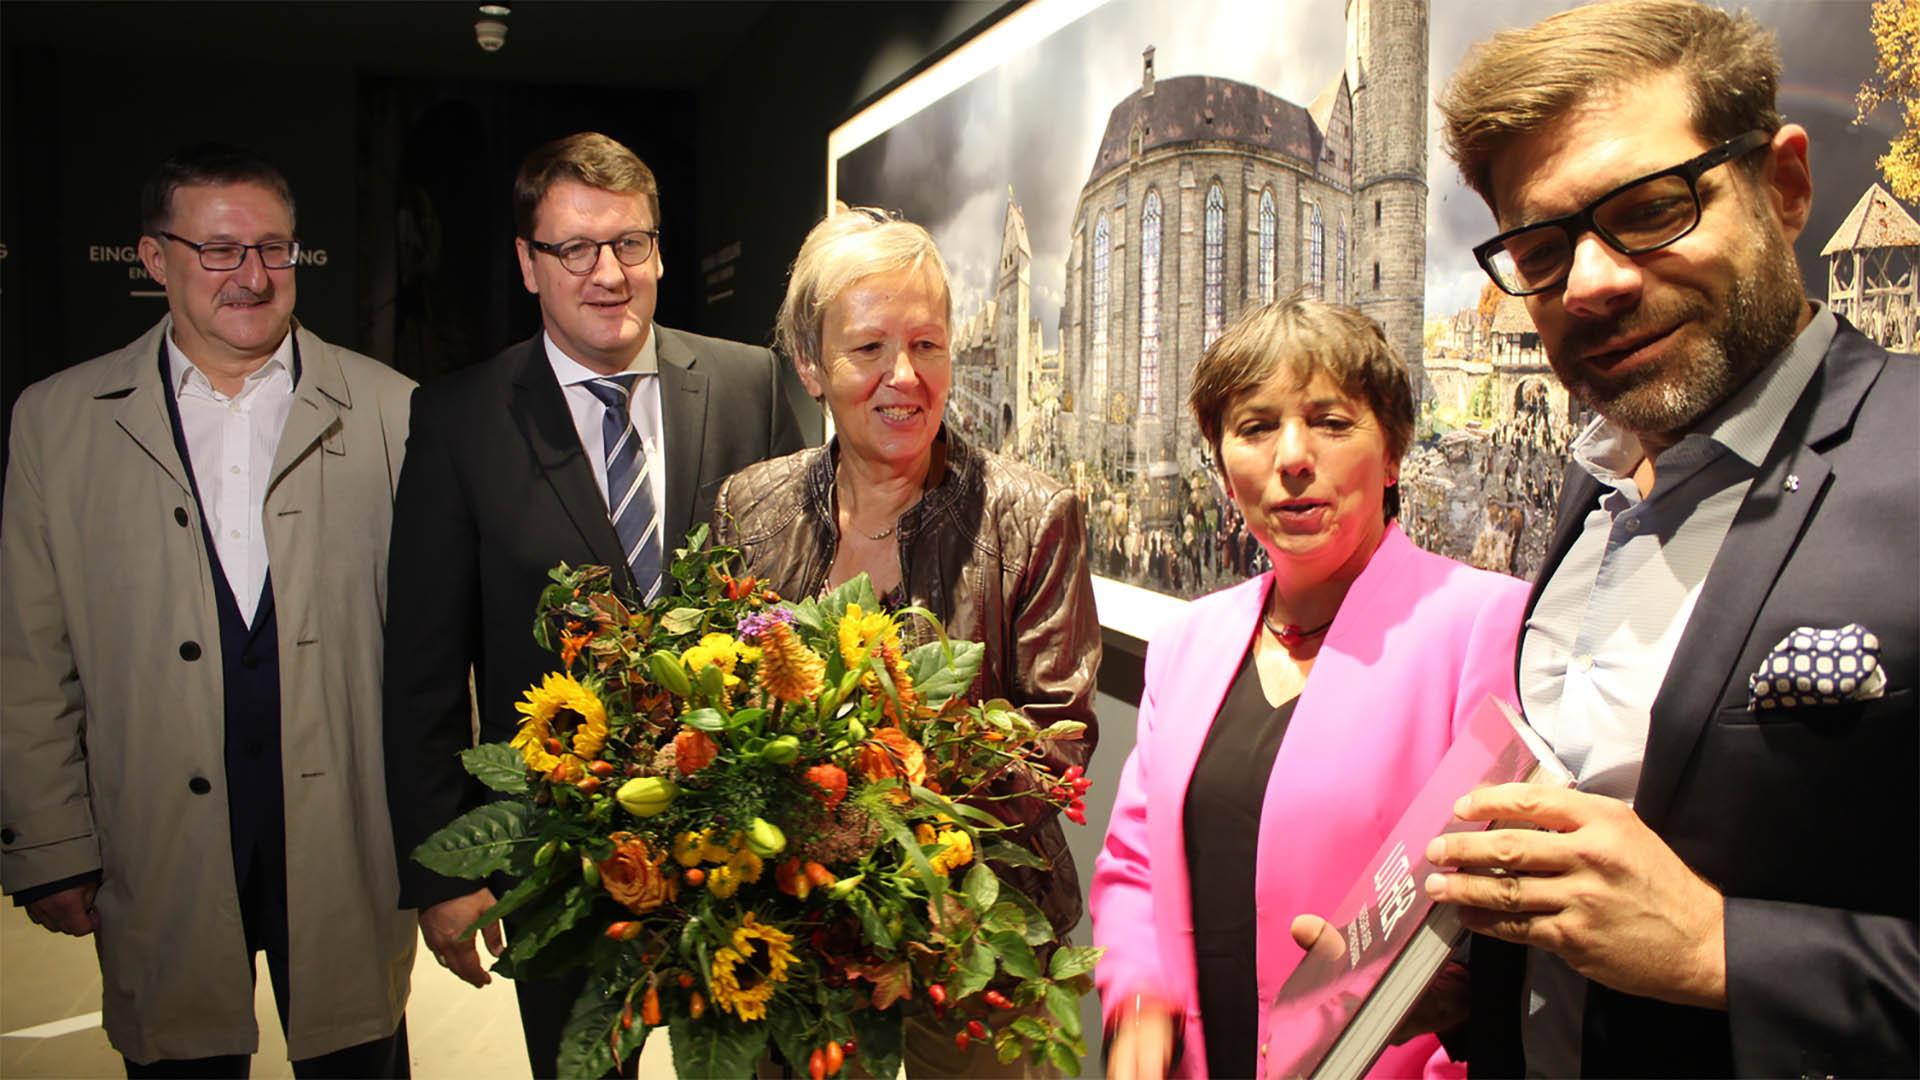 Margot Käßmann, Reformationsbotschafterin der Evangelischen Kirche in Deutschland, bezeichnete die Weltausstellung als gelungen